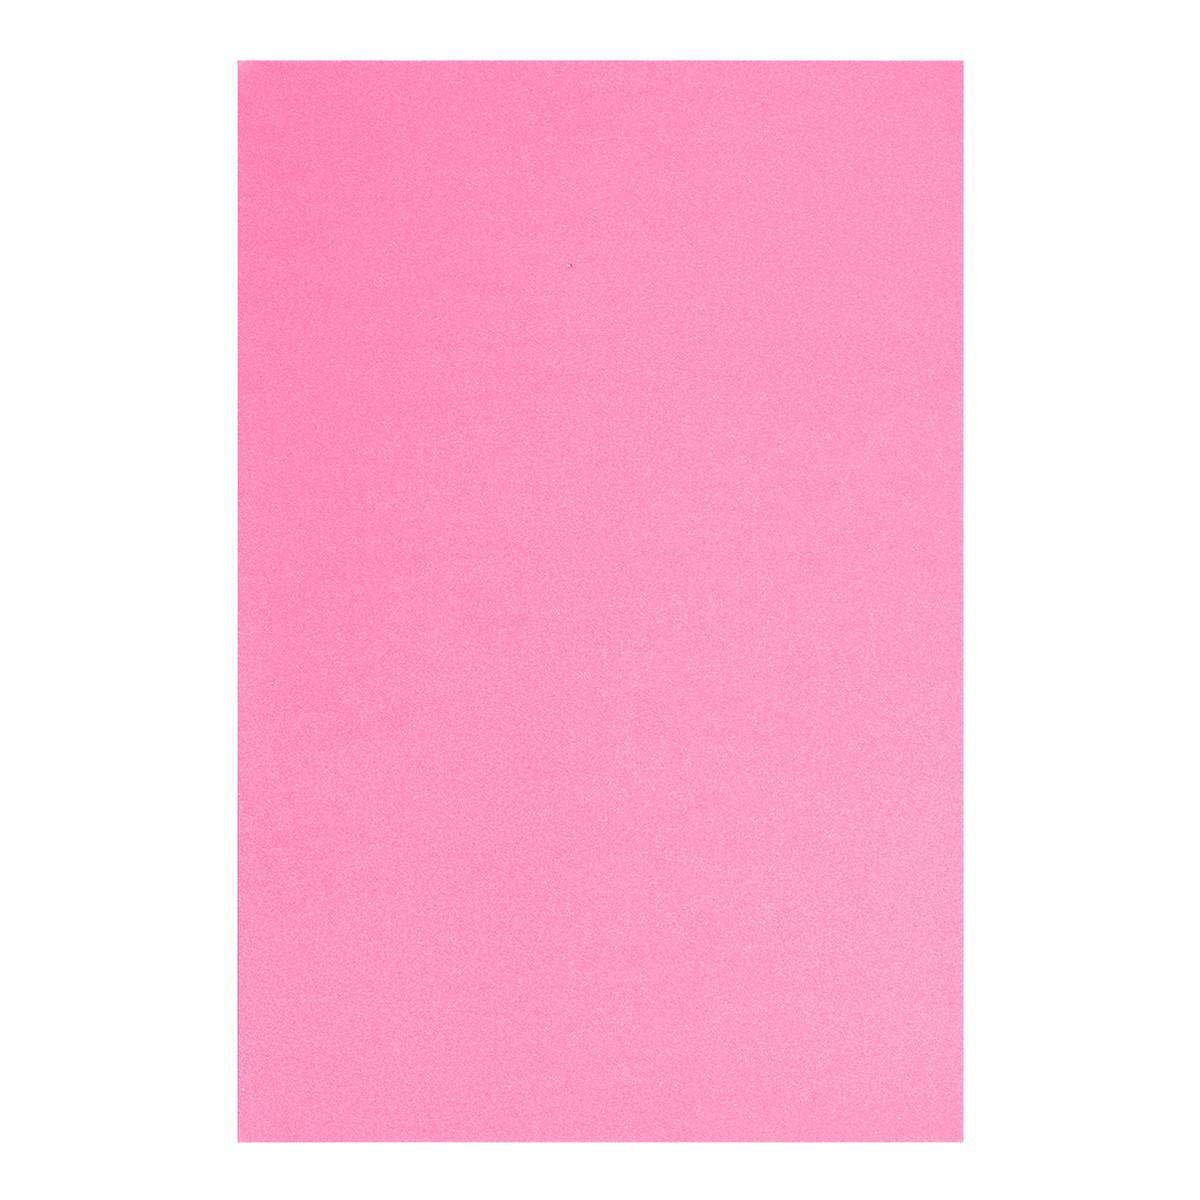 Фоамиран ЭВА розовый, с клеевым слоем, 200*300 мм, толщина 1,7 мм, 10 листов